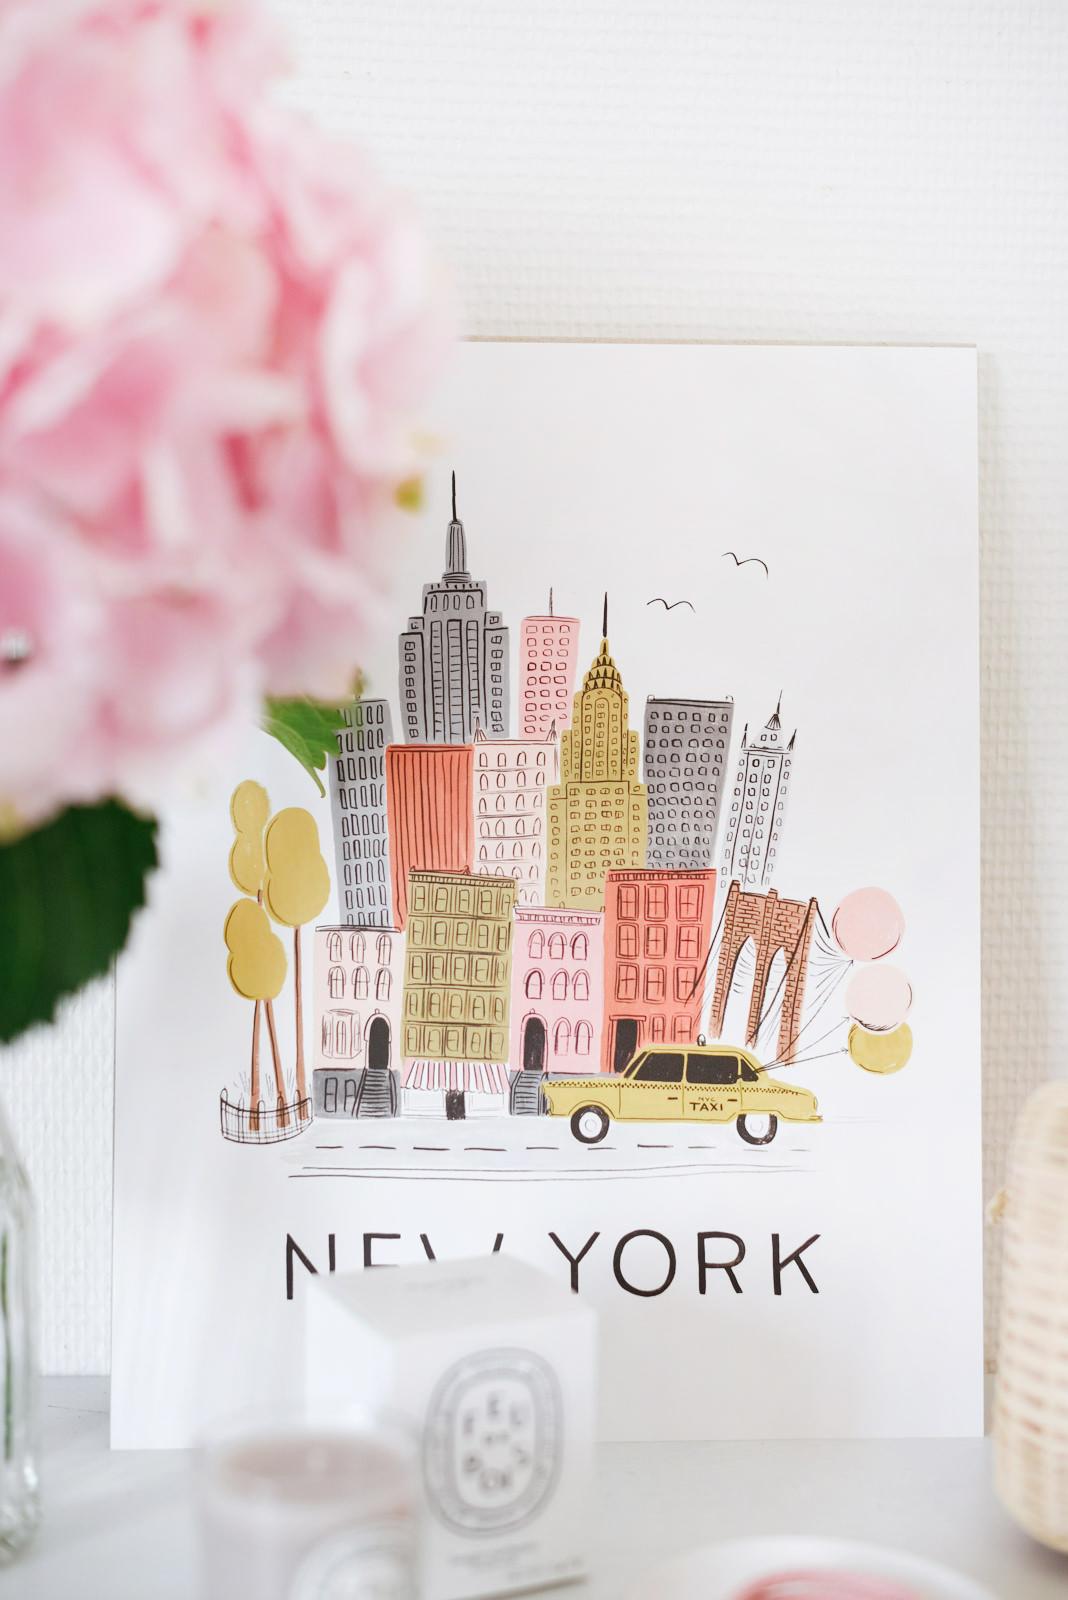 Blog-Mode-And-the-City-Lifestyle-Cadeaux-Anniversaire-28-ans-6